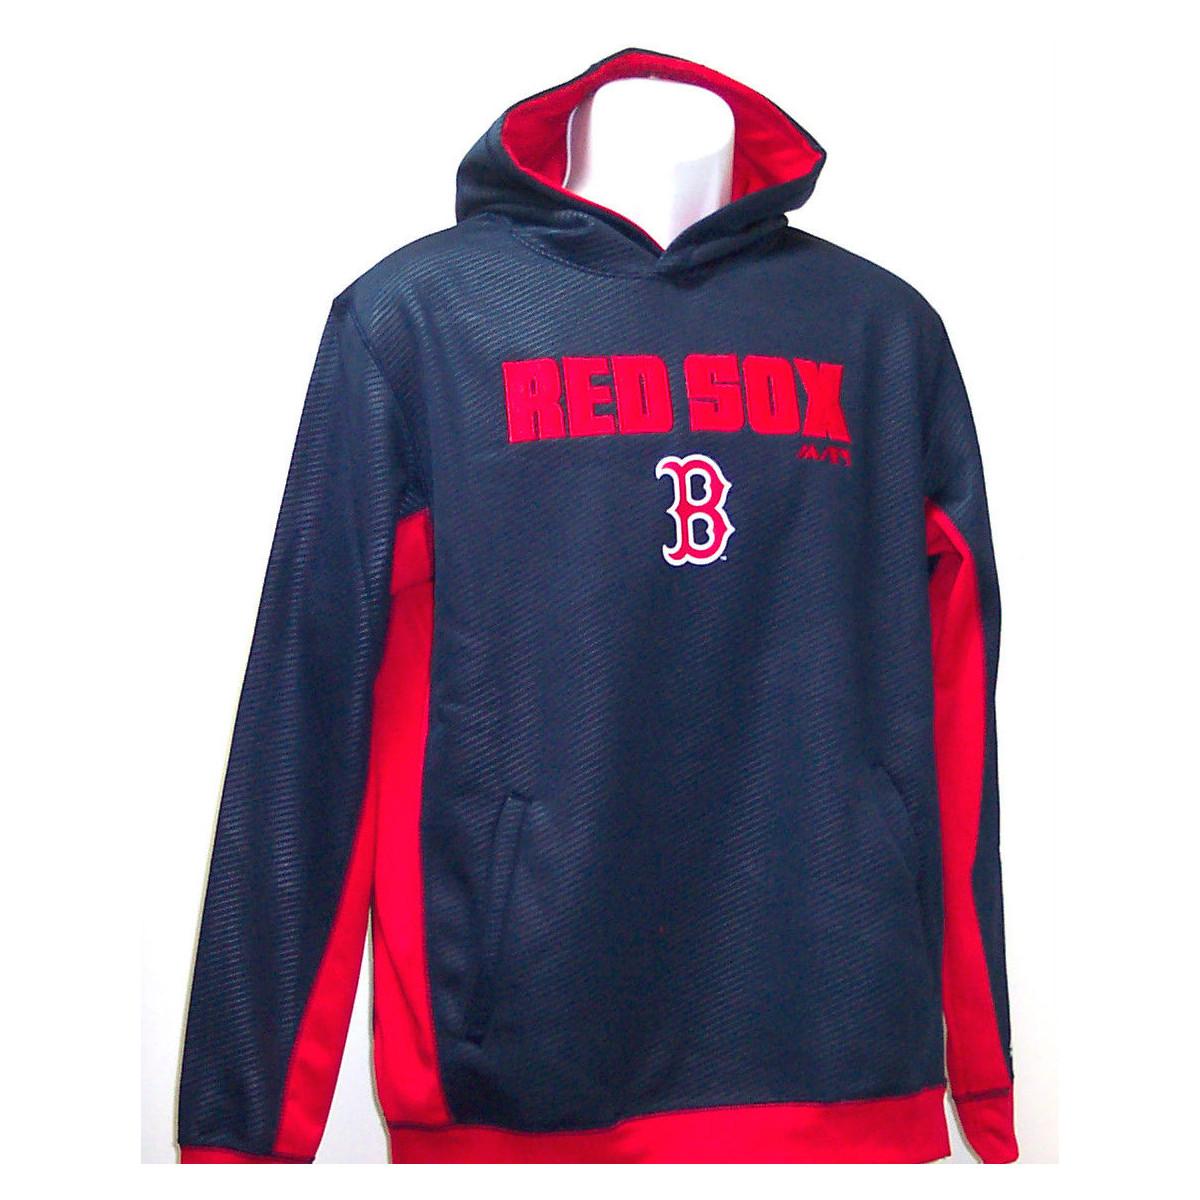 huge discount 6194d fb670 BOSTON RED SOX Kids' Geo Strike Hoodie - Bob's Stores